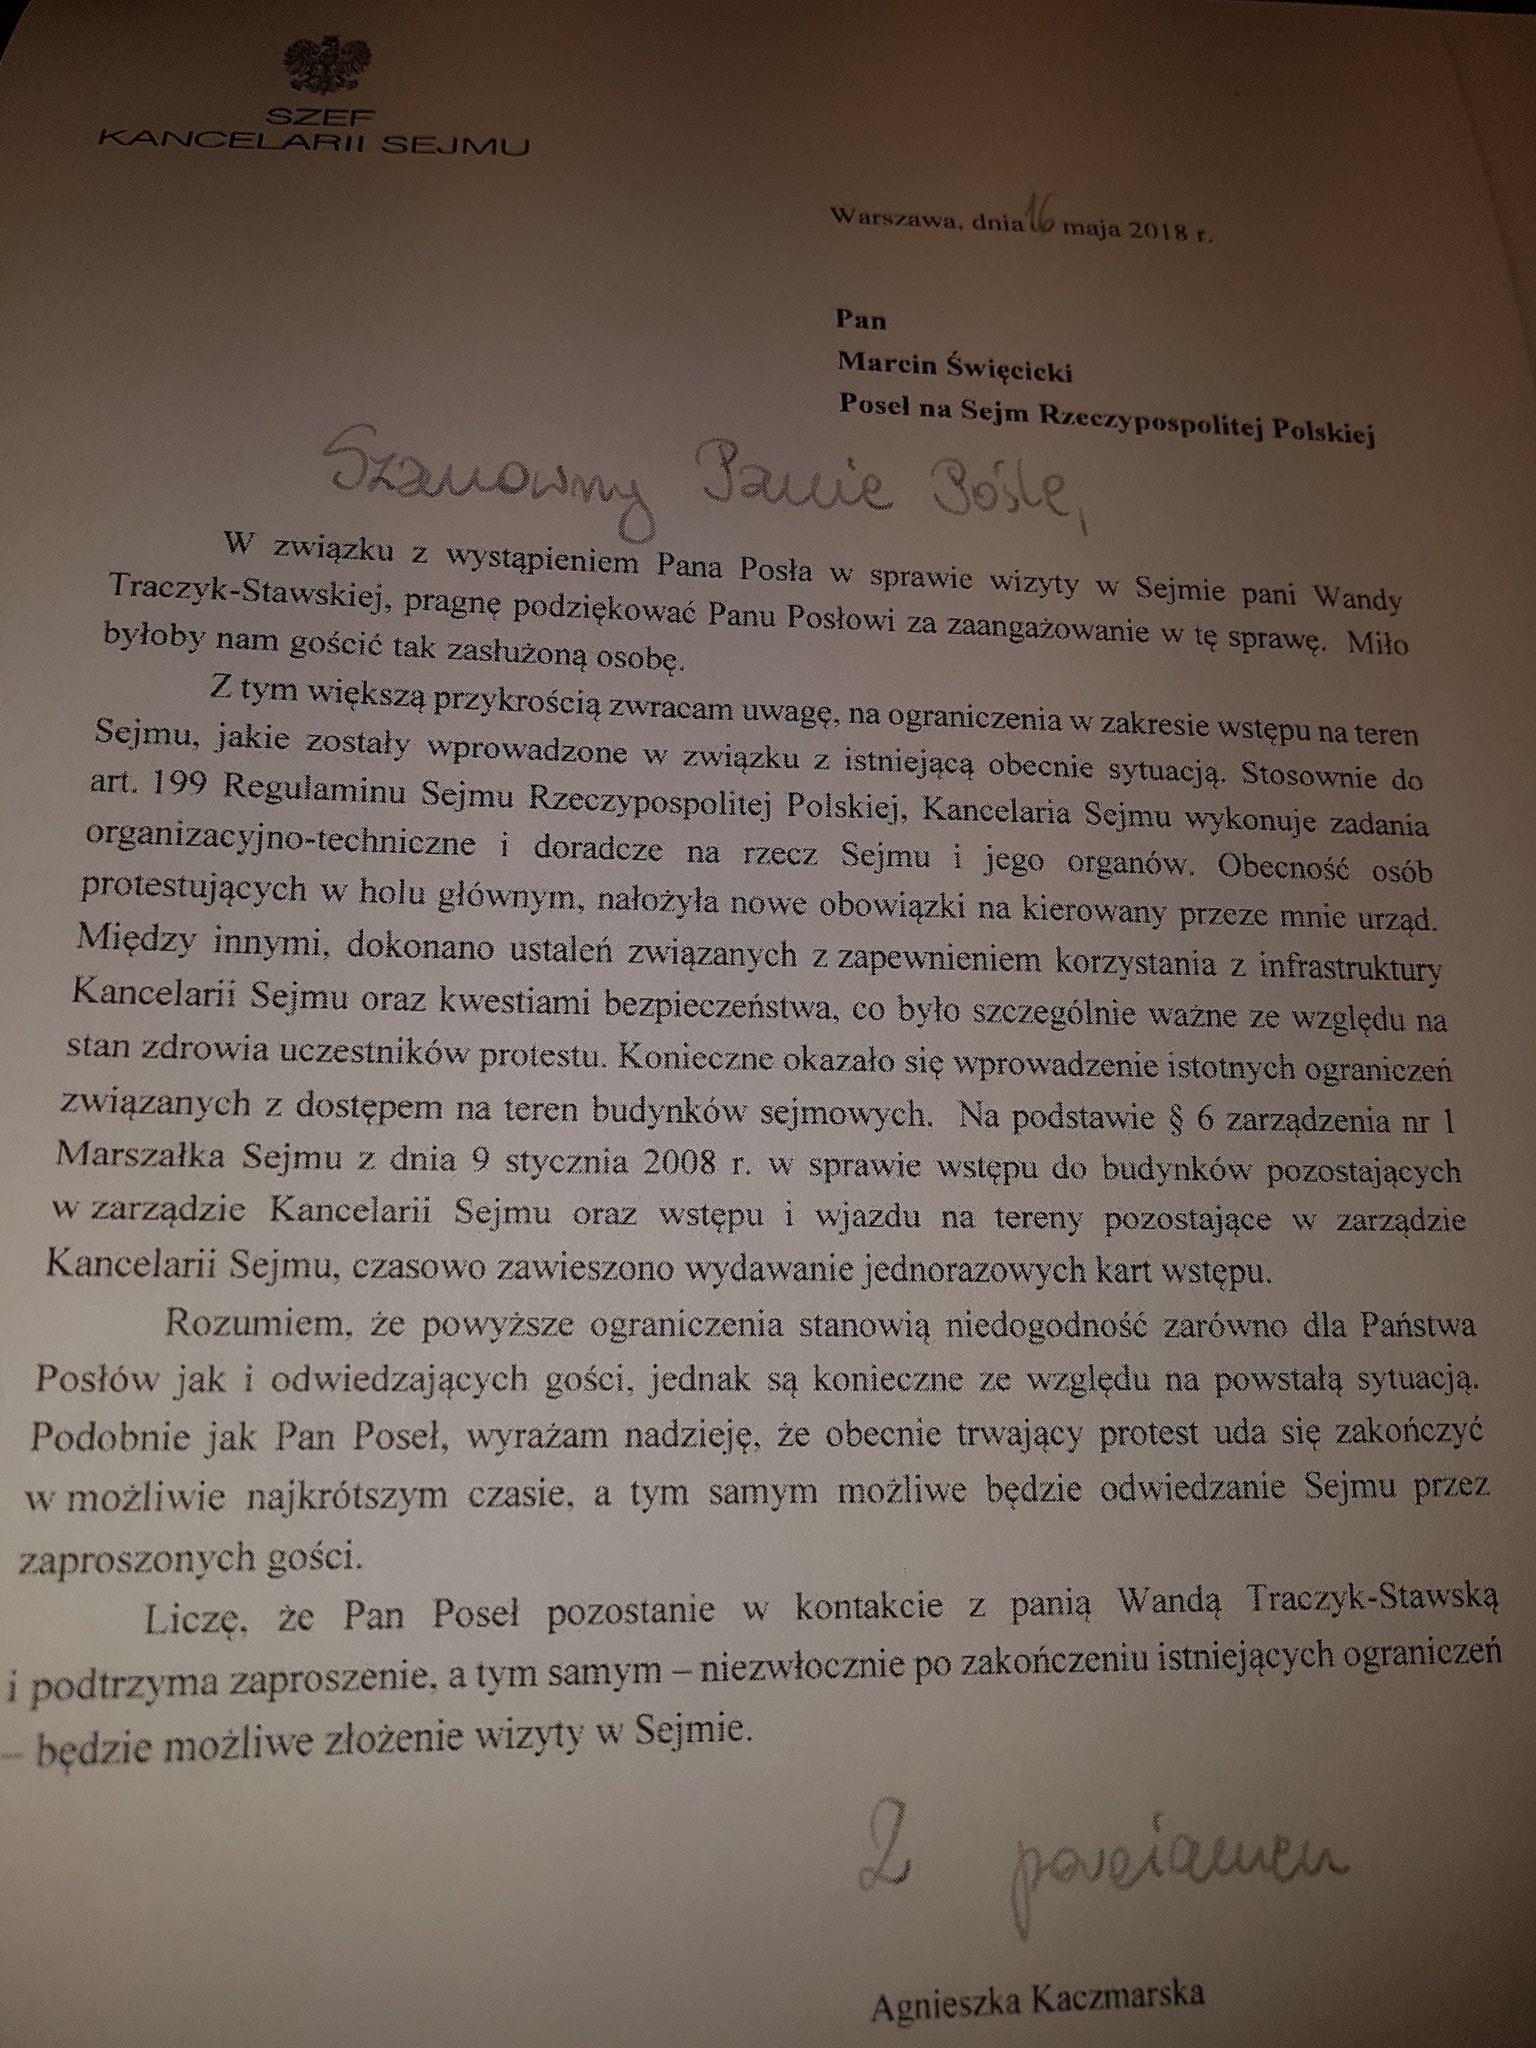 Odpowiedź Kancelarii Sejmu dla posła Marcina Święcickiego, w której uzasadnia sięodmowę wejścia do Sejmu dla Wandy Traczyk-Stawskiej, źródło: twitter.com/MarcinSwiecicki